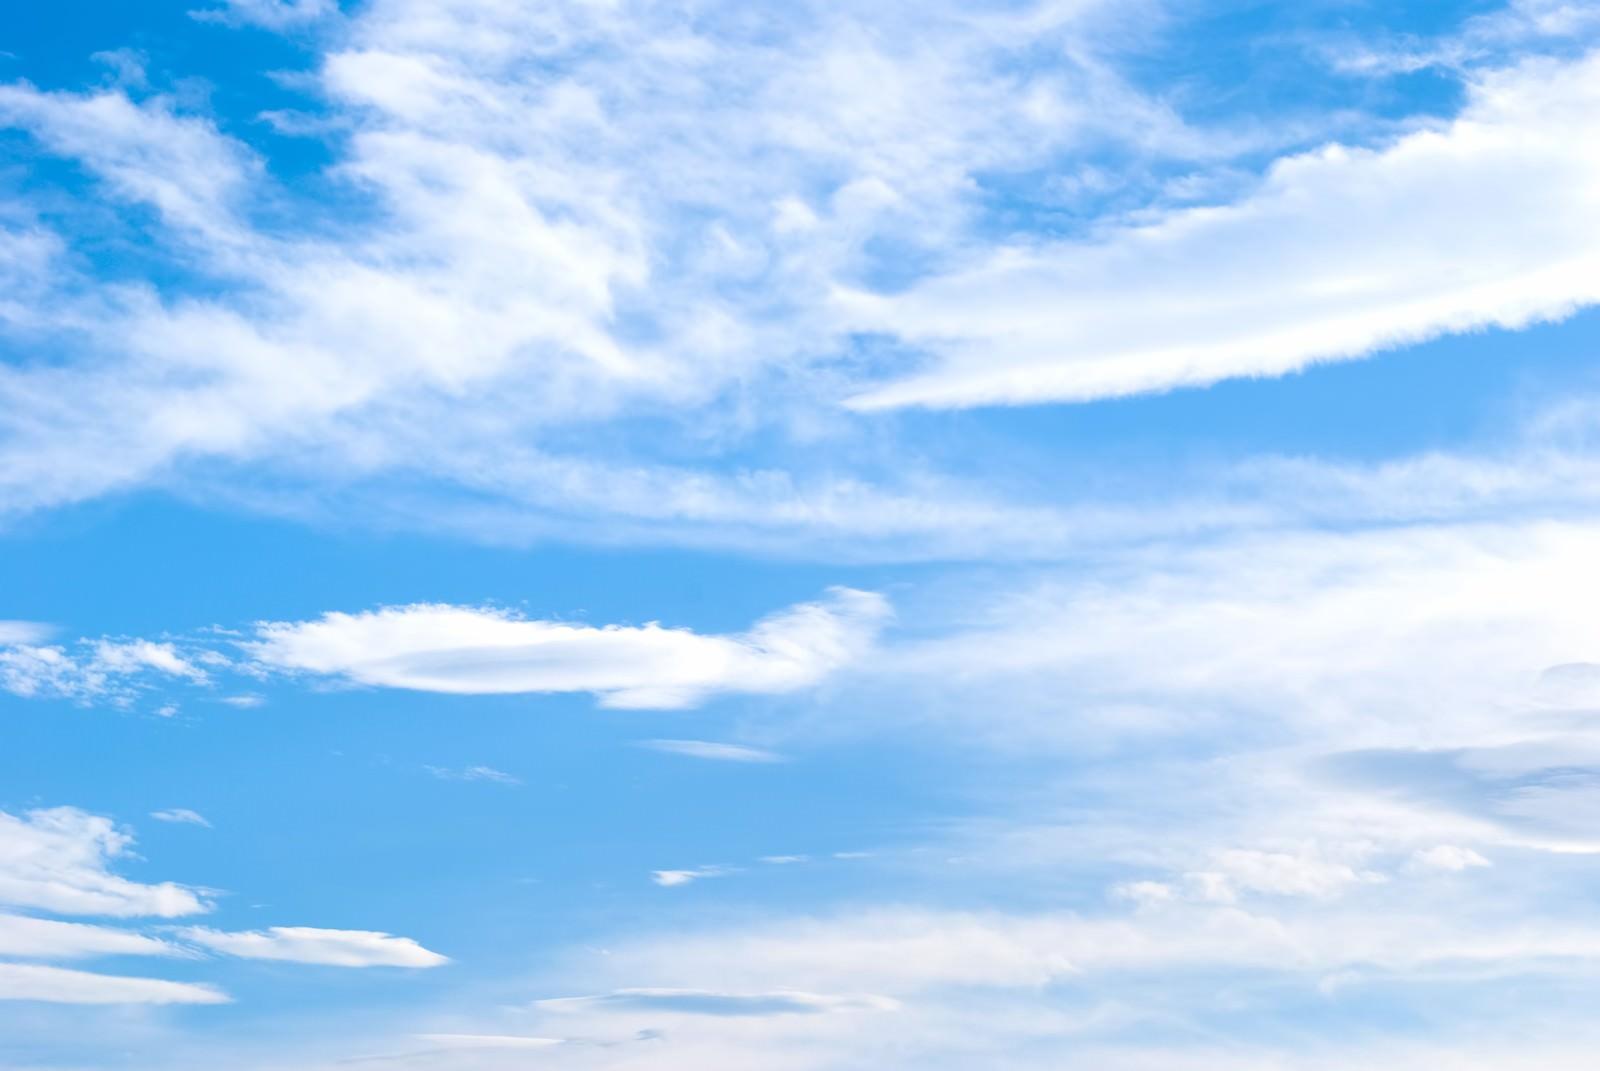 「夏の青空と雲」の写真